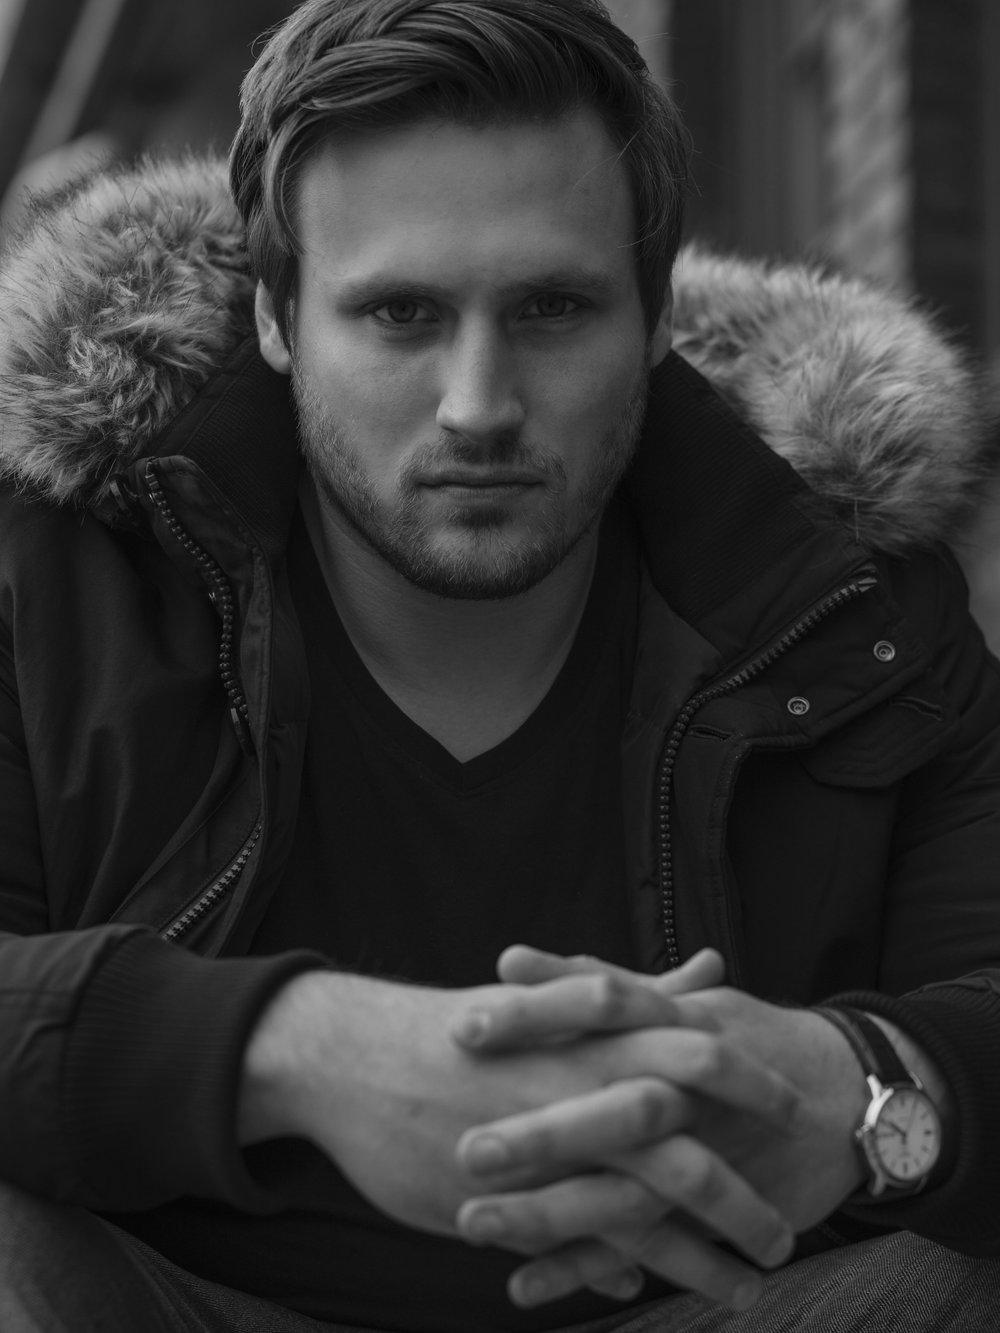 01.11.2018, Maik Behrens - Niklas ist sehr bodenständig, freundlich und sympathisch. Jahrelange Erfahrung in dem Geschäft sowie zahlreiche Kontakte und einen guten Ruf in der Branche machen ihn zu einer Top-Adresse zur Vermittlung angehender Models!